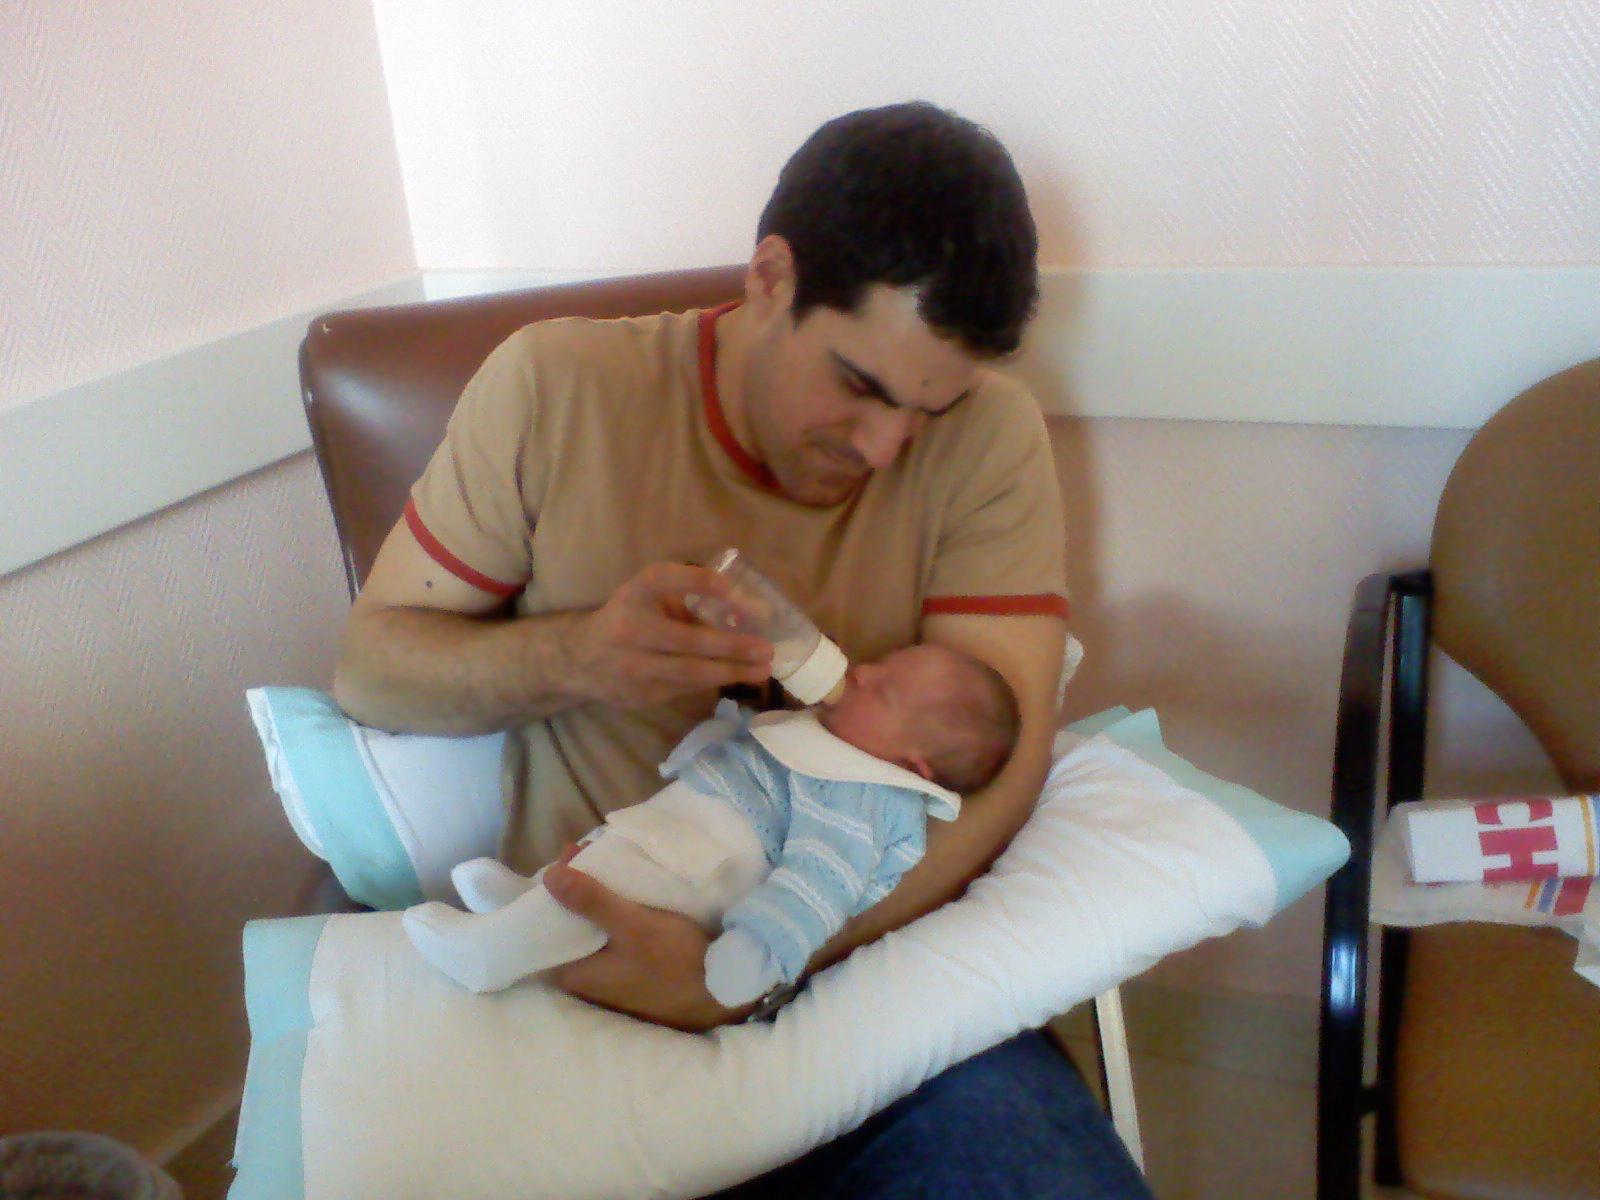 Javier, recién nacido, con su padre dando el biberón